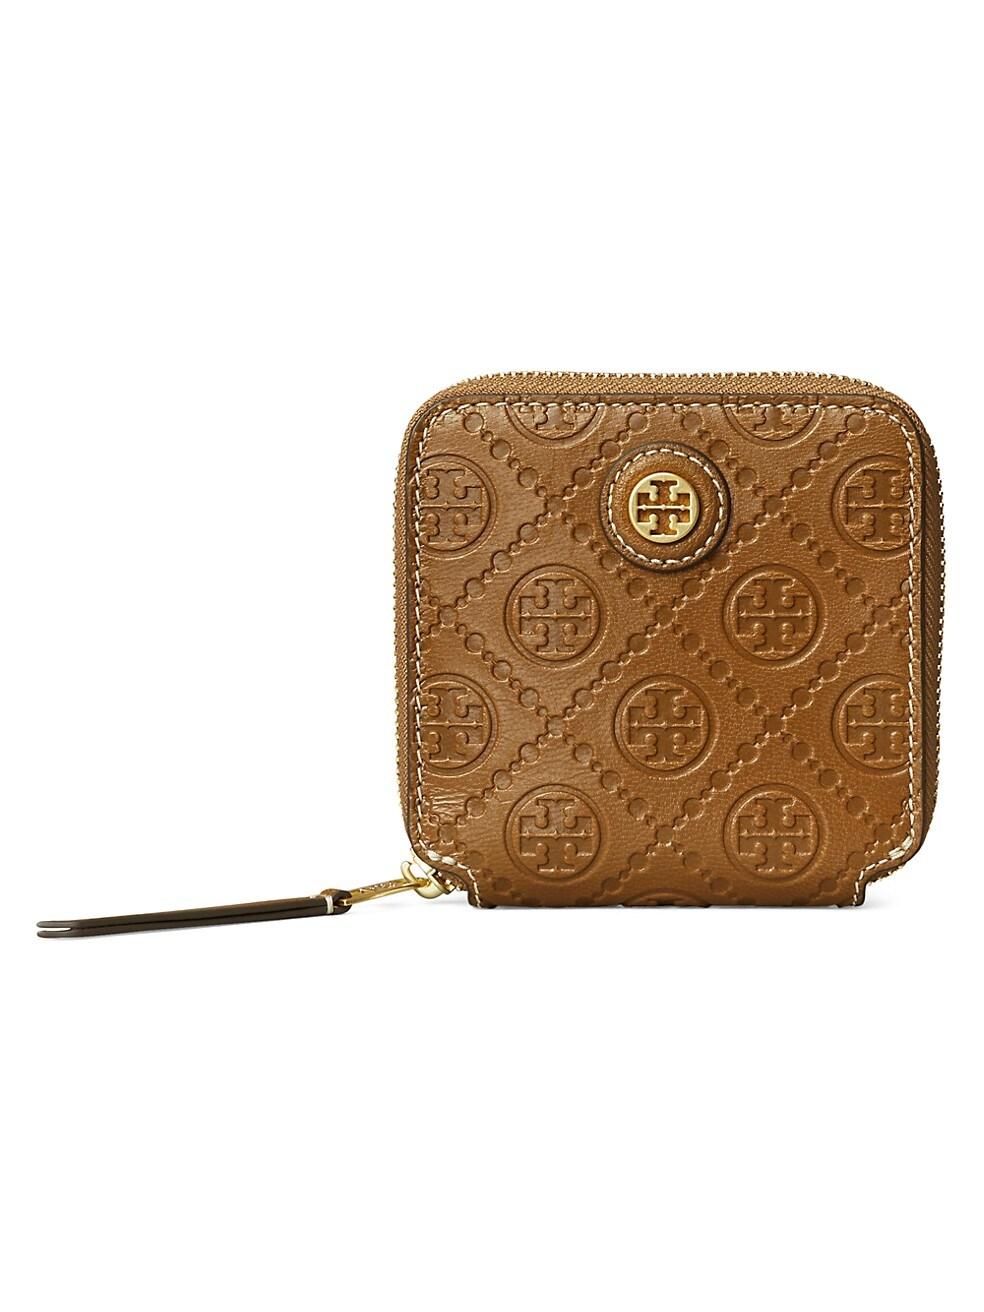 토리버치 지갑 Tory Burch Leather Bi-Fold Wallet,MOOSE